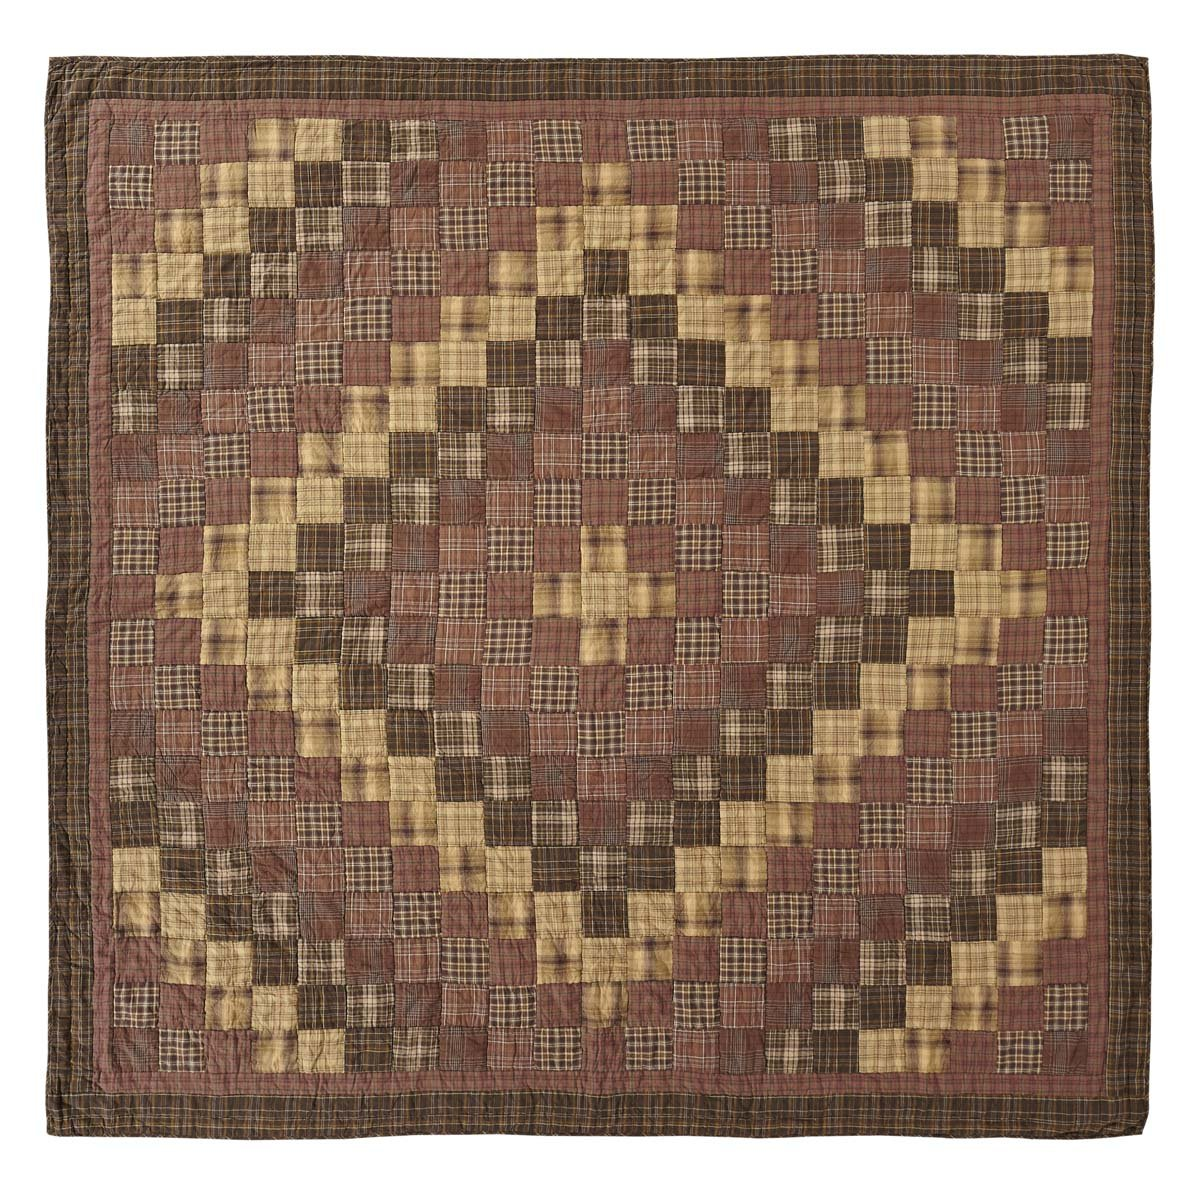 VHC Brands Rustic & Lodge Bedding - Prescott Brown Quilt, Queen